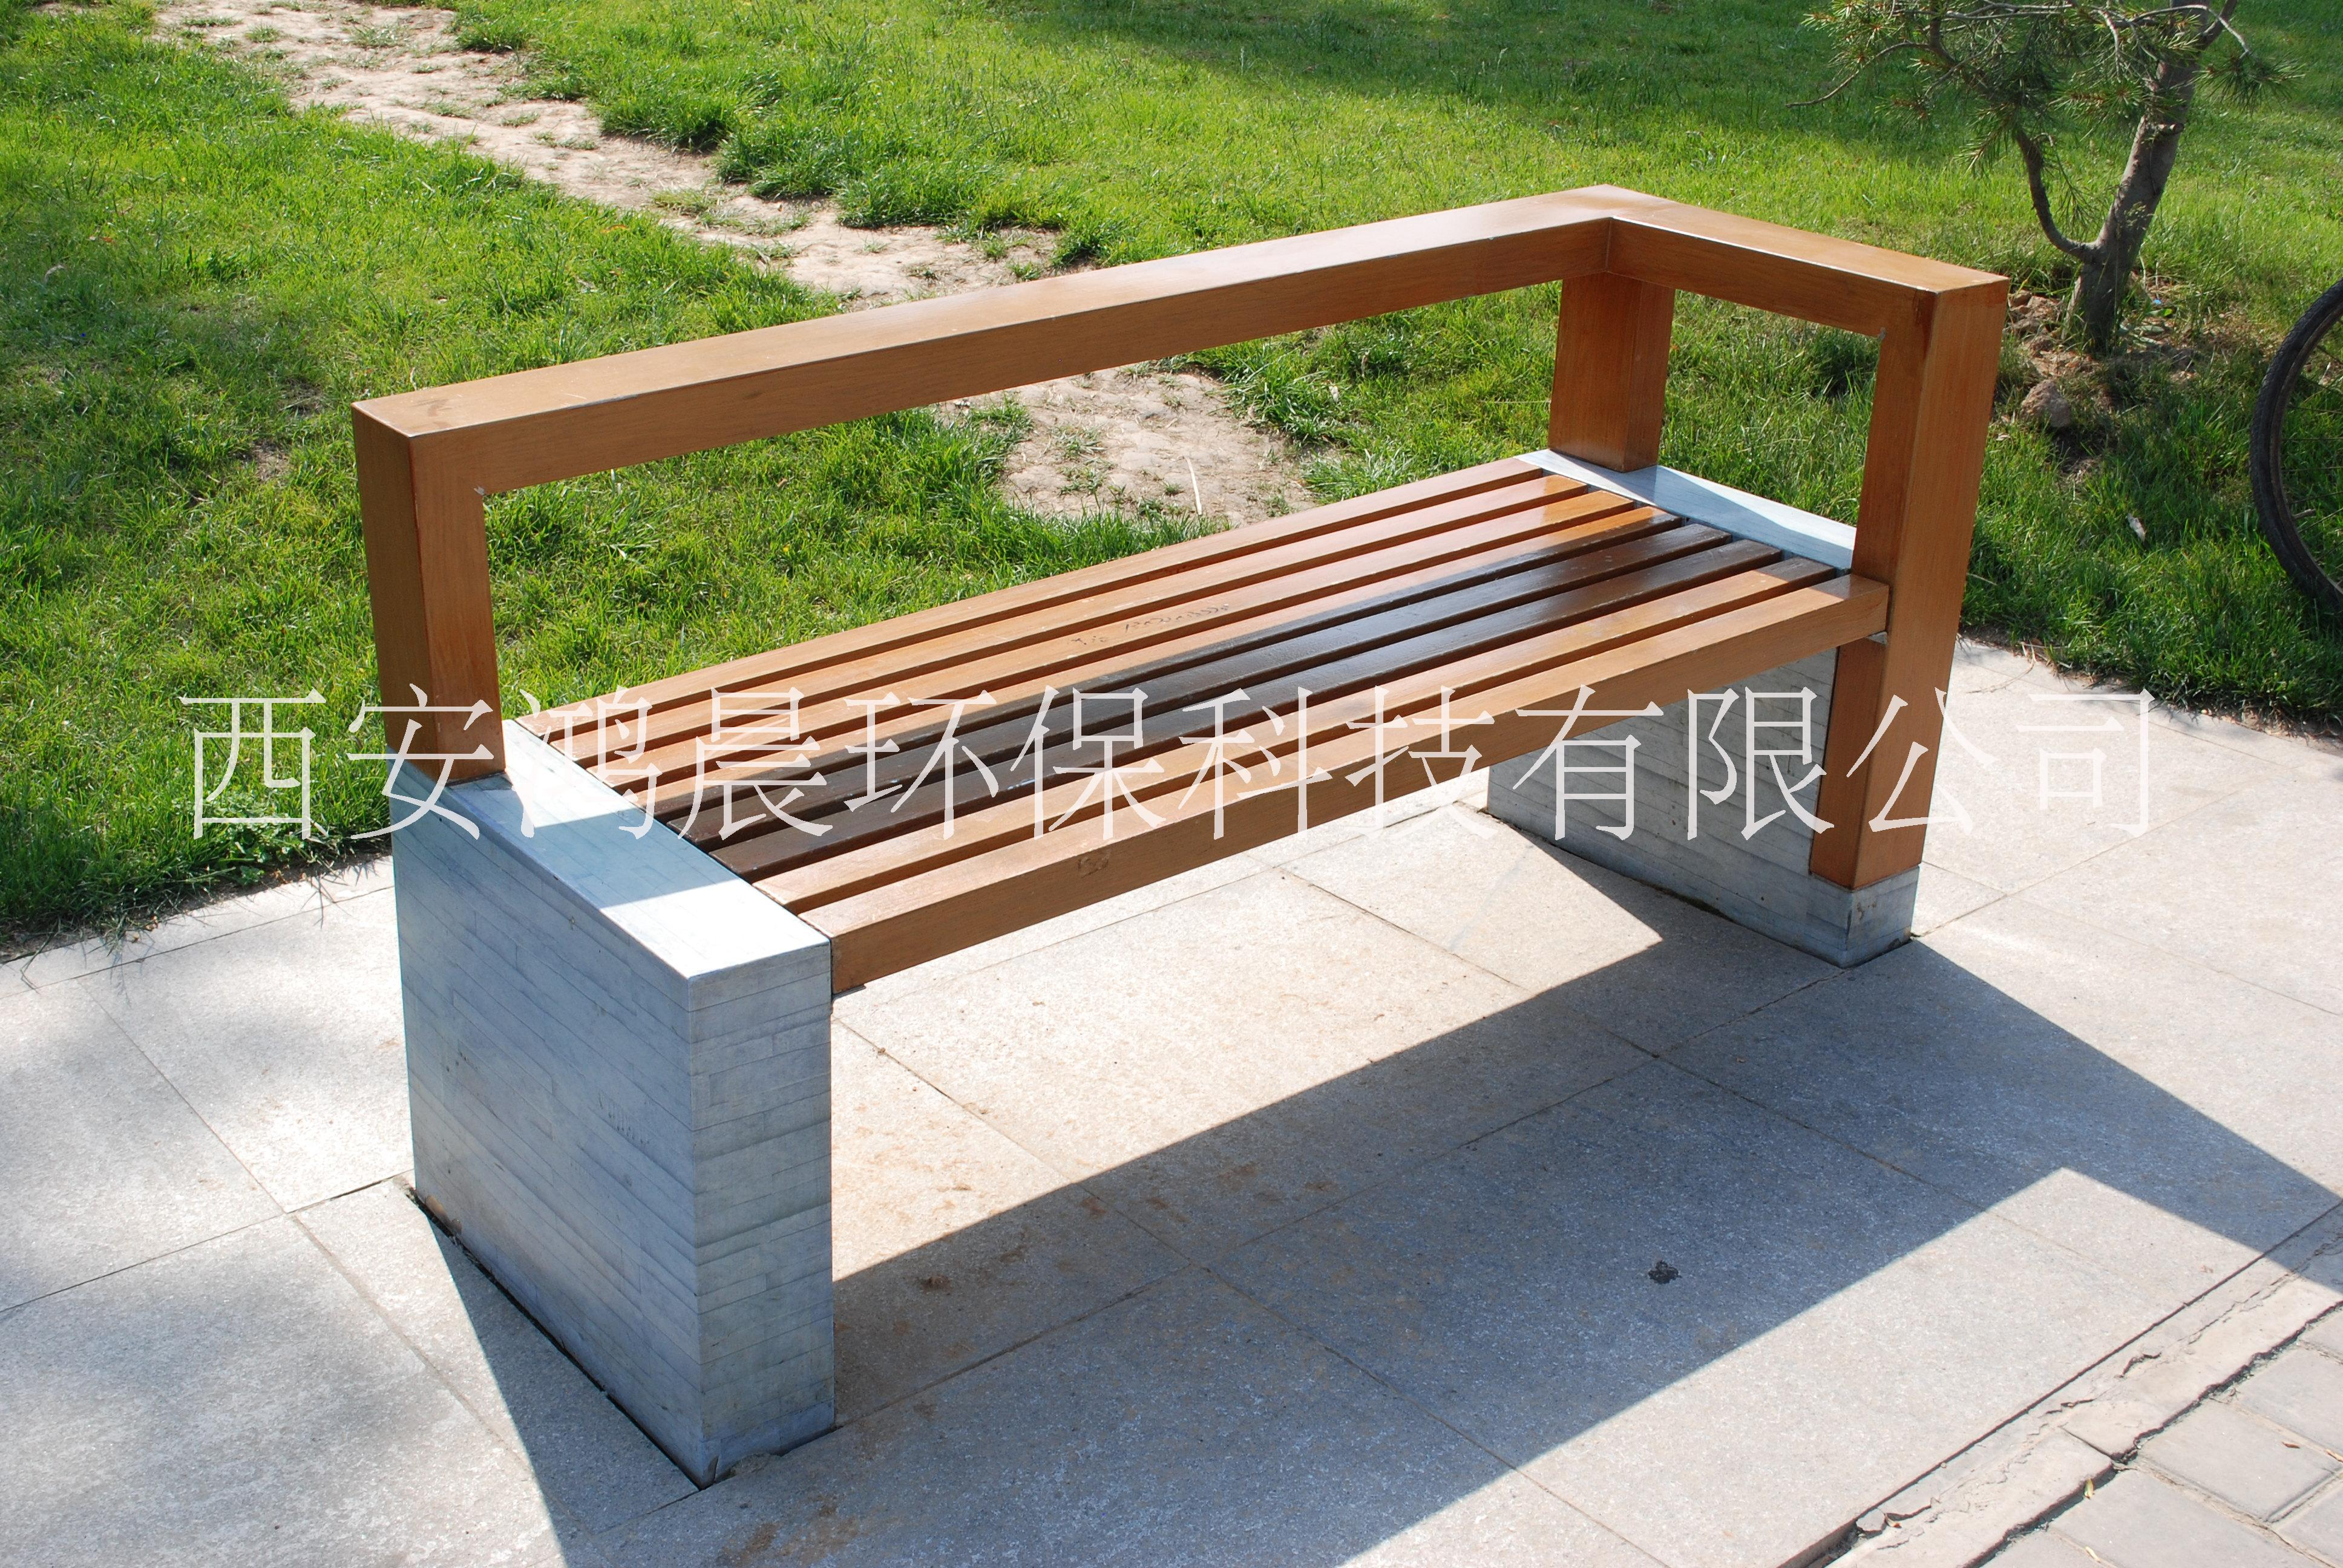 西北户外座椅,户外木塑围树椅厂家,木塑休闲椅,公园椅制造厂